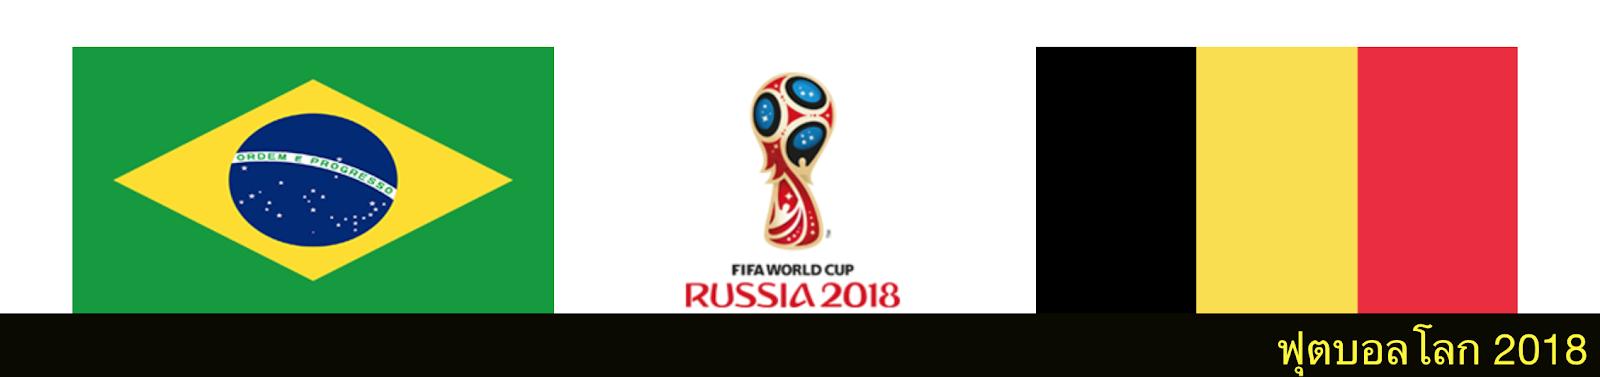 ดูบอลสด วิเคราะห์บอล ฟุตบอลโลก ระหว่าง บราซิล vs เบลเยียม